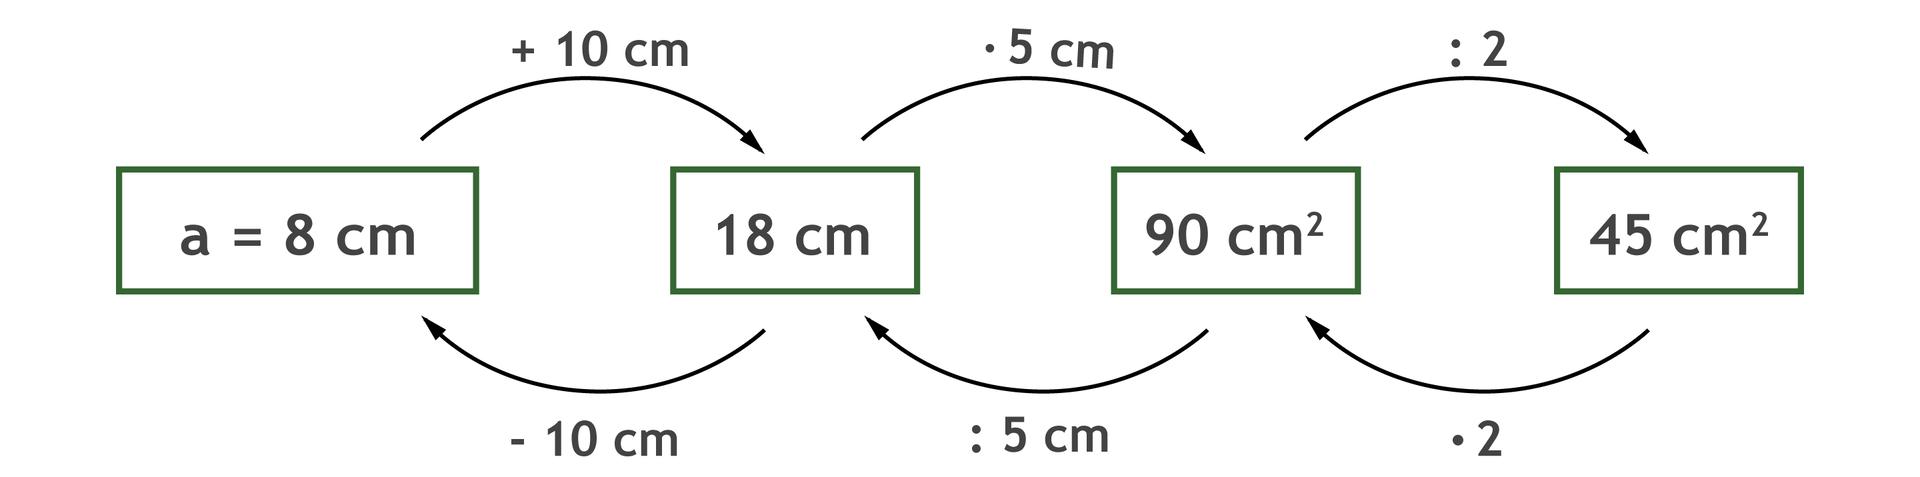 Graf, który ilustruje sposób obliczenia długości podstawy a. a+ 10 cm =18 cm razy 5 cm =90 centymetrów kwadratowych dzielone przez 2 = 45 centymetrów kwadratowych. Odwrotnie: 45 centymetrów kwadratowych razy 2 =90 centymetrów kwadratowych dzielone przez 5 cm =18 cm -10cm =a =8 cm.